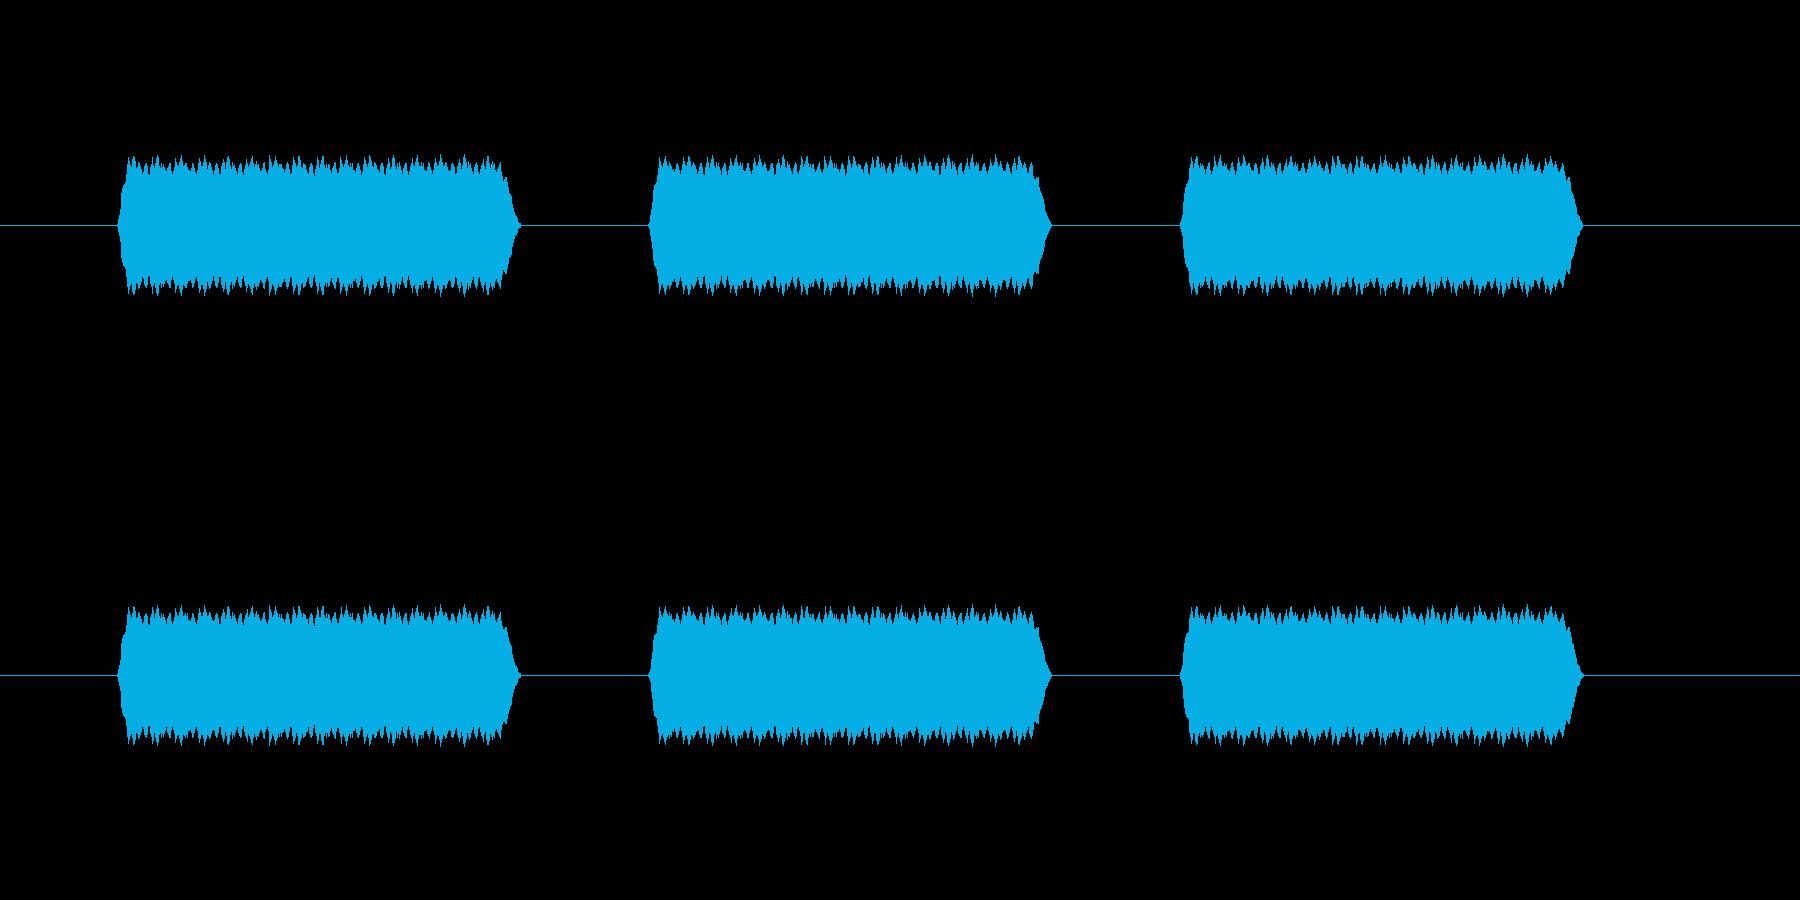 【汎用・セリフ音等】ピピピ(さらに高)の再生済みの波形